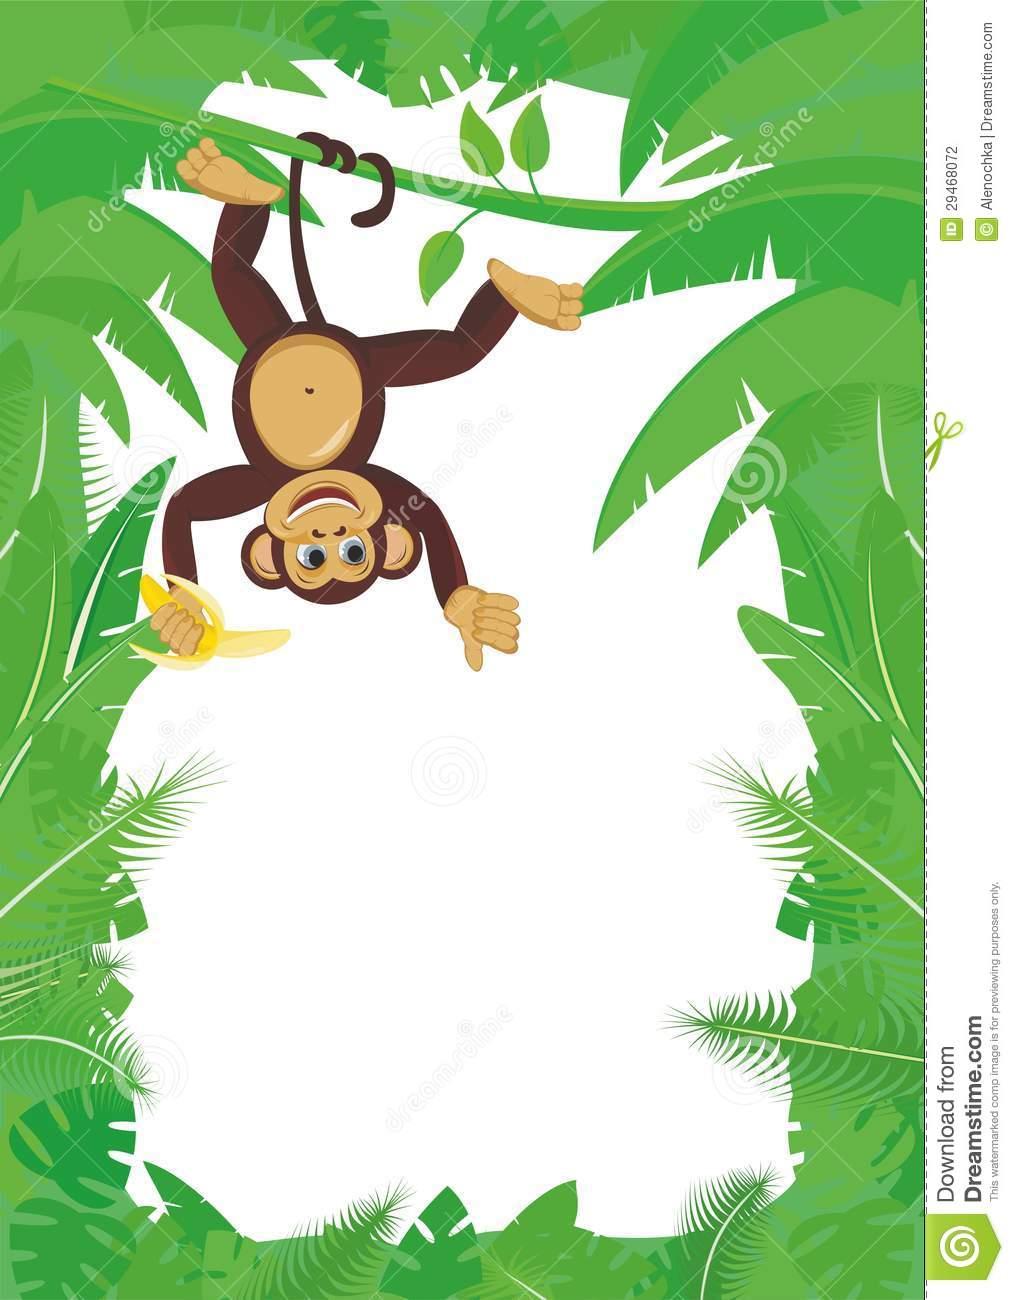 Monkey On Liana With Banana Stock Photography.